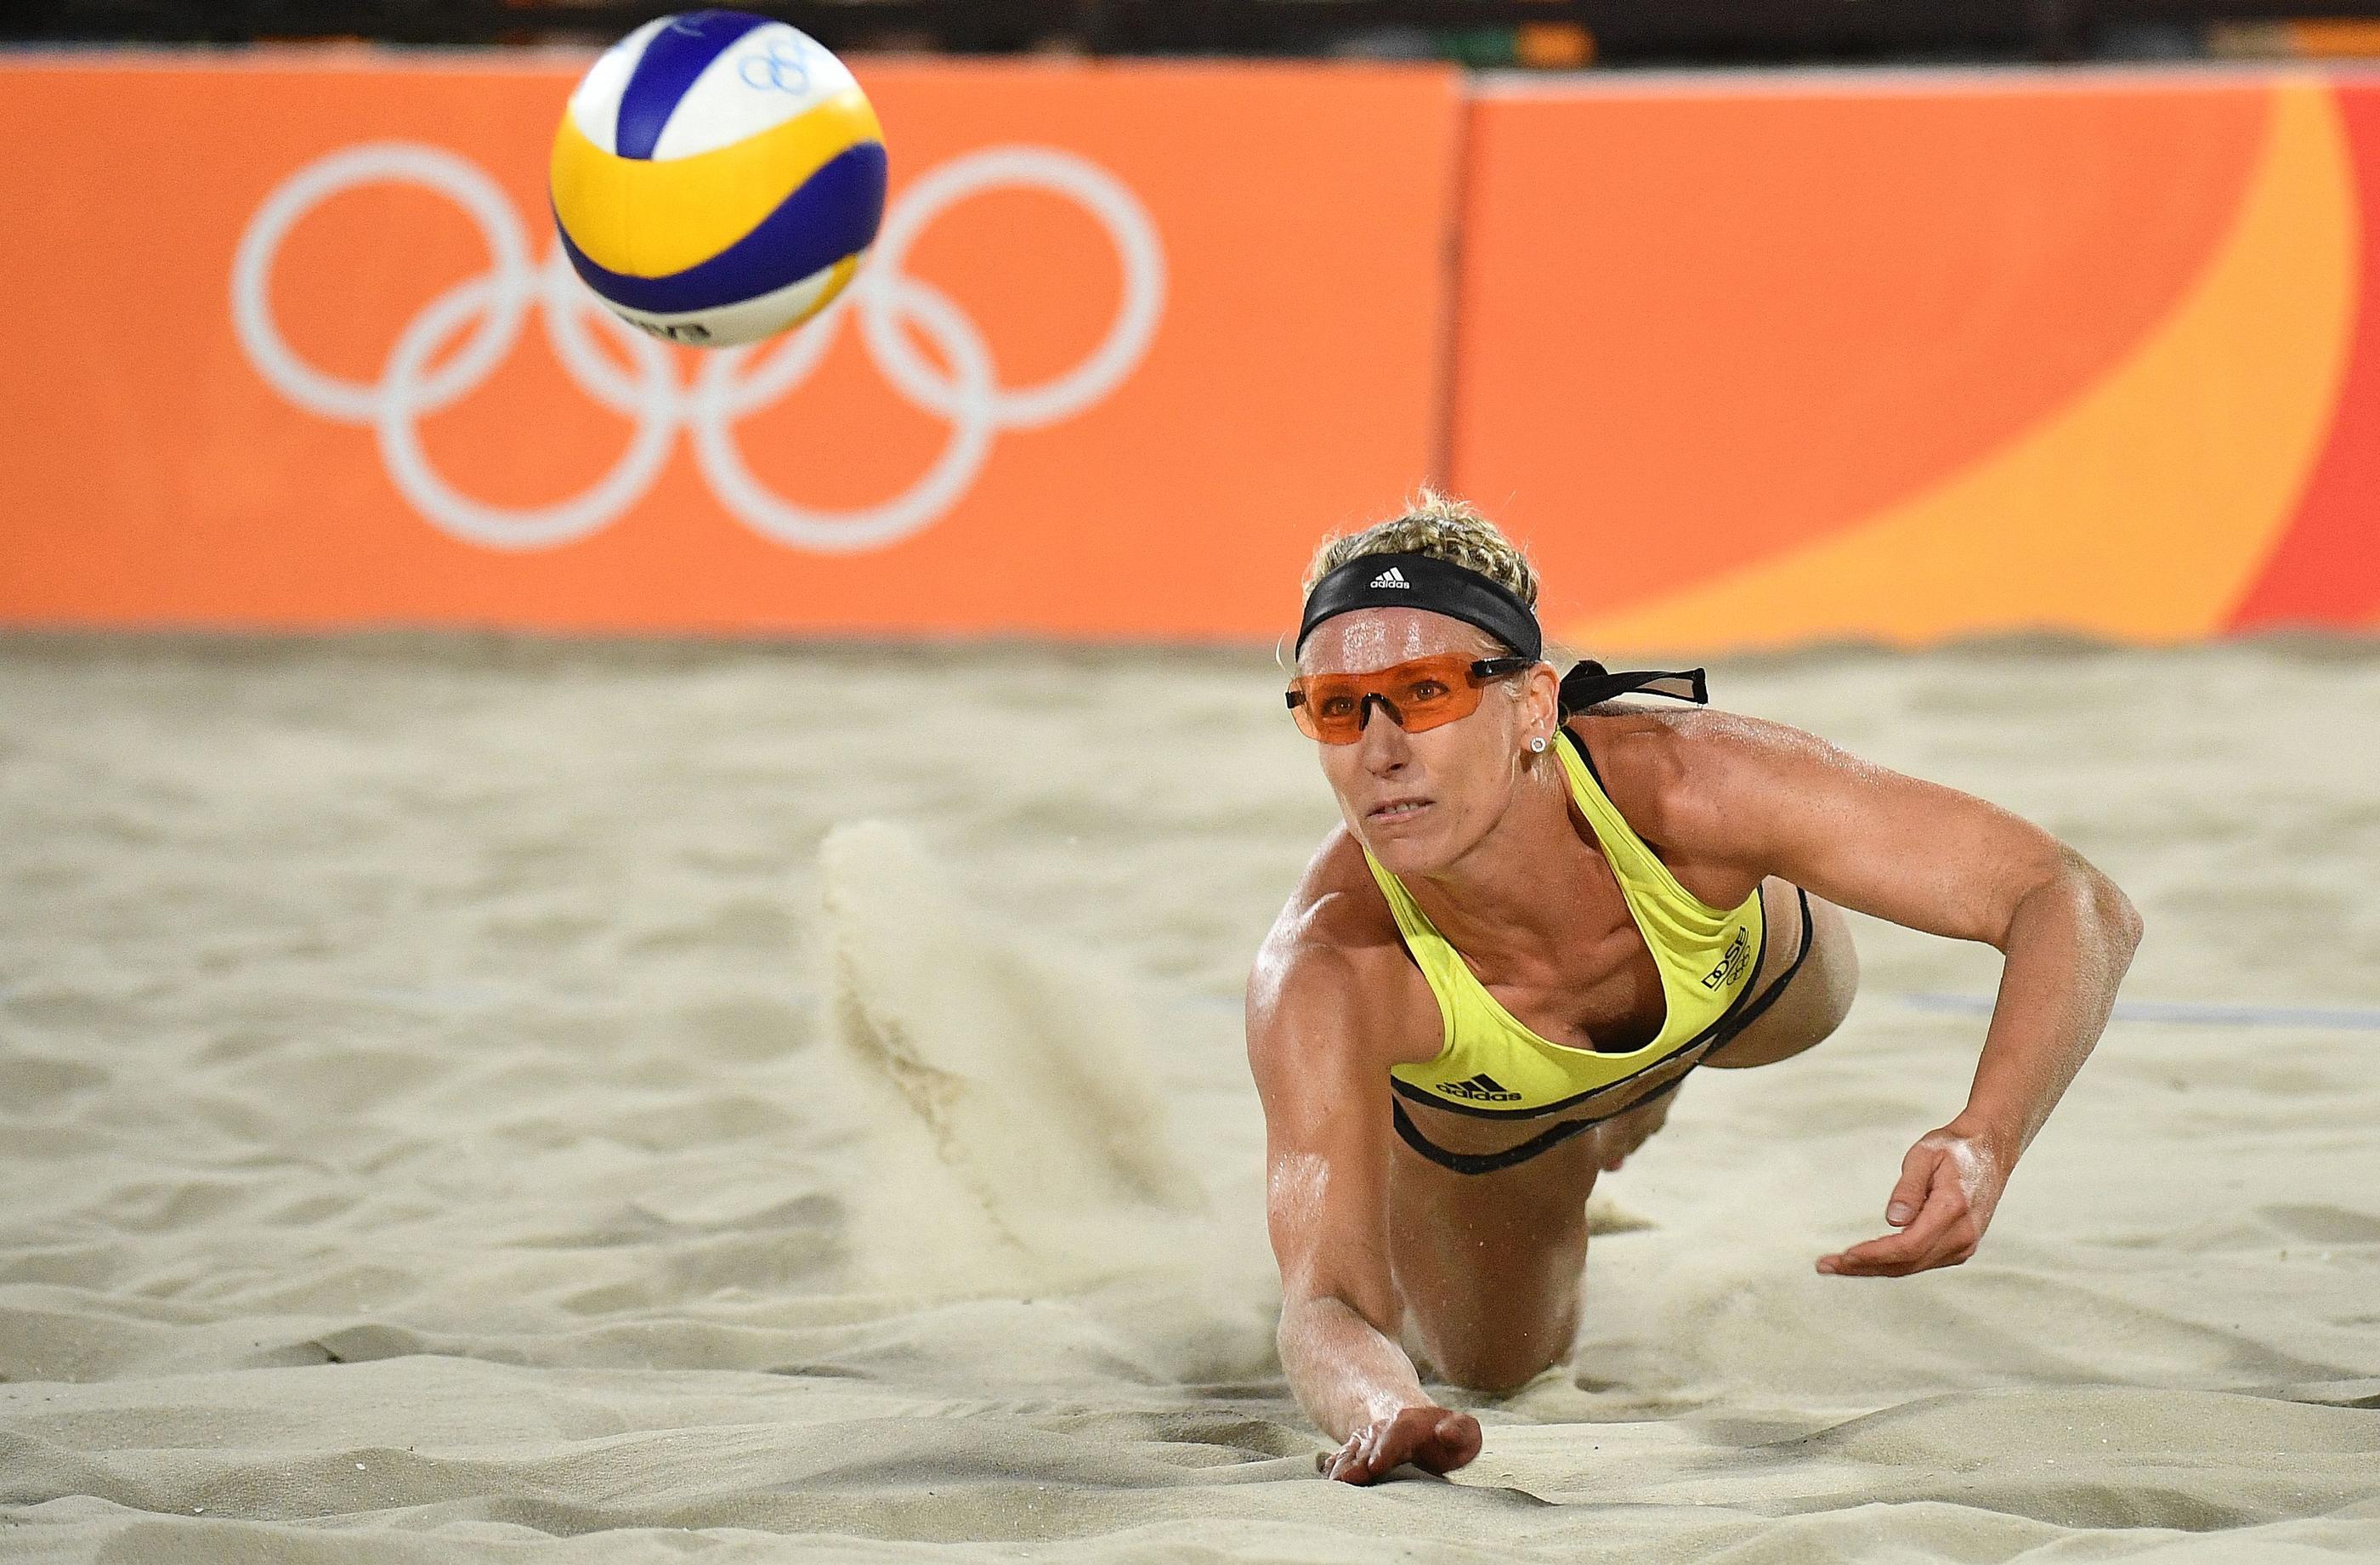 Beach-volley : les joueuses pourront bien porter les bikinis lors du tournoi au Qatar - Le Parisien